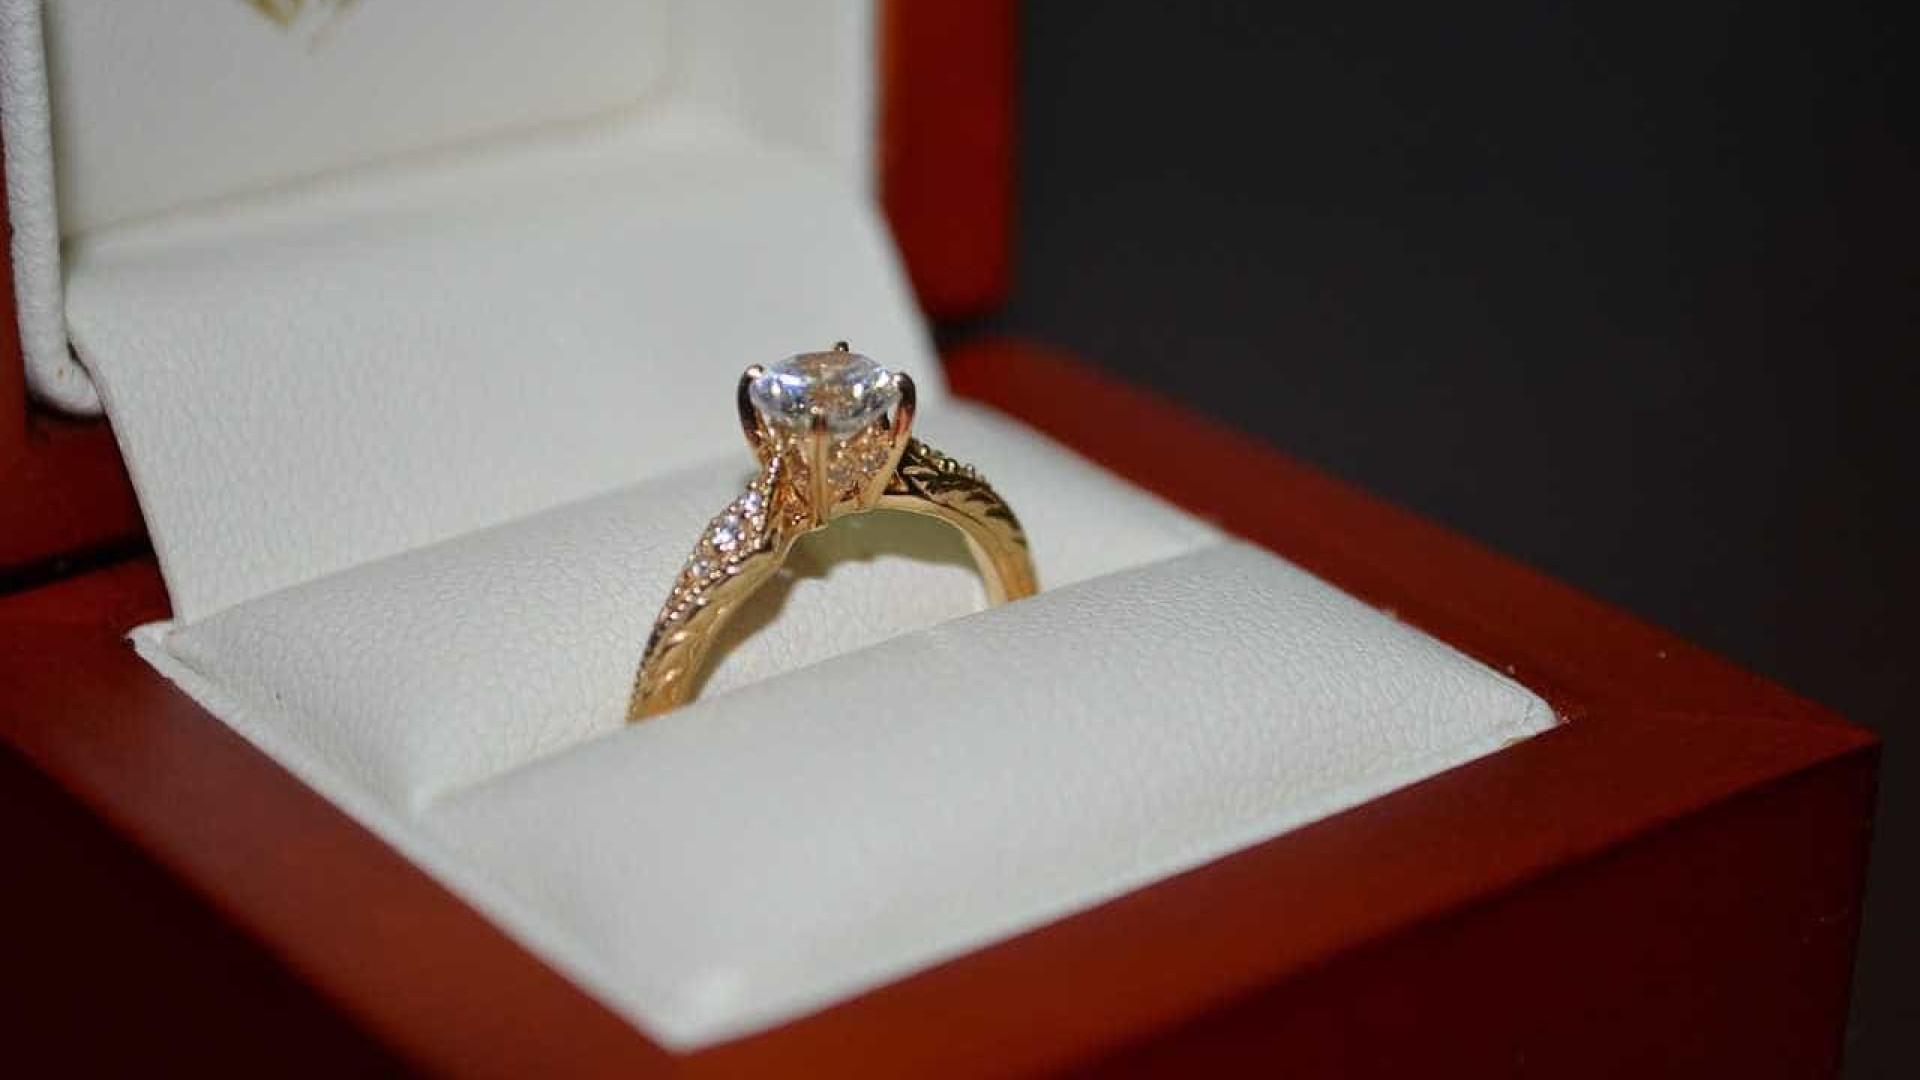 Desgosto amoroso dá origem a concurso para oferecer anel de noivado